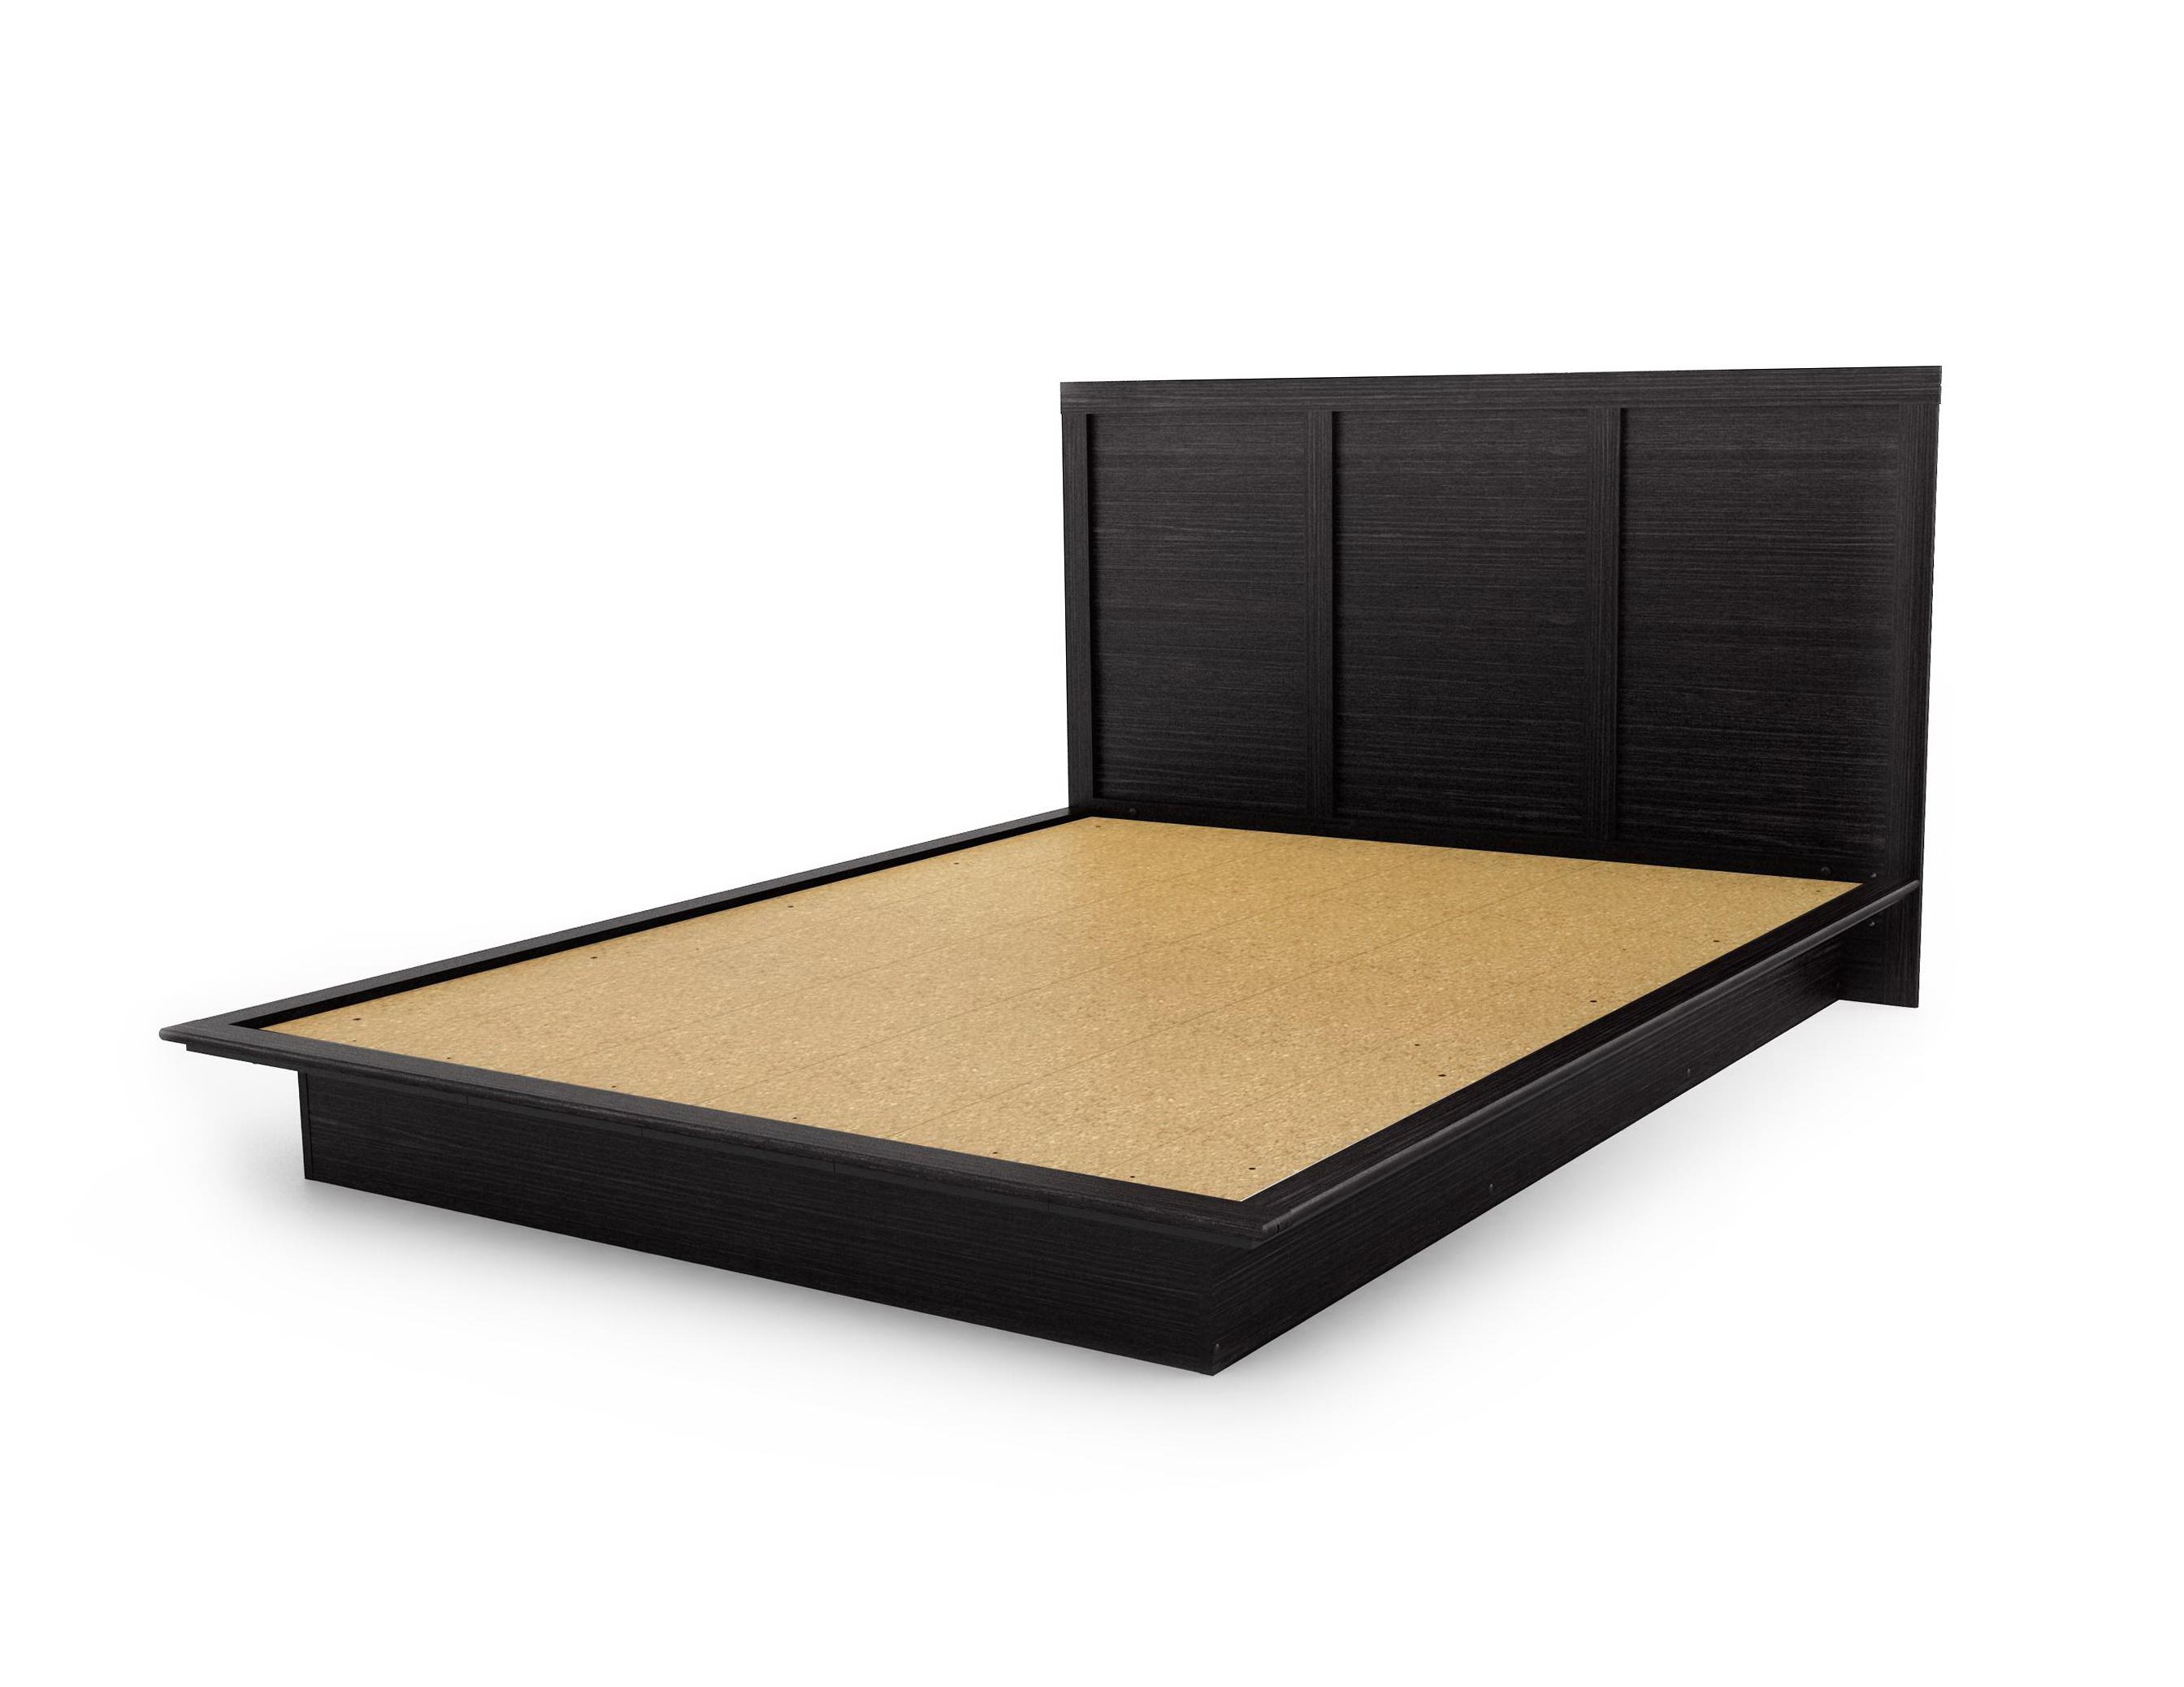 Black Platform Bed Queen